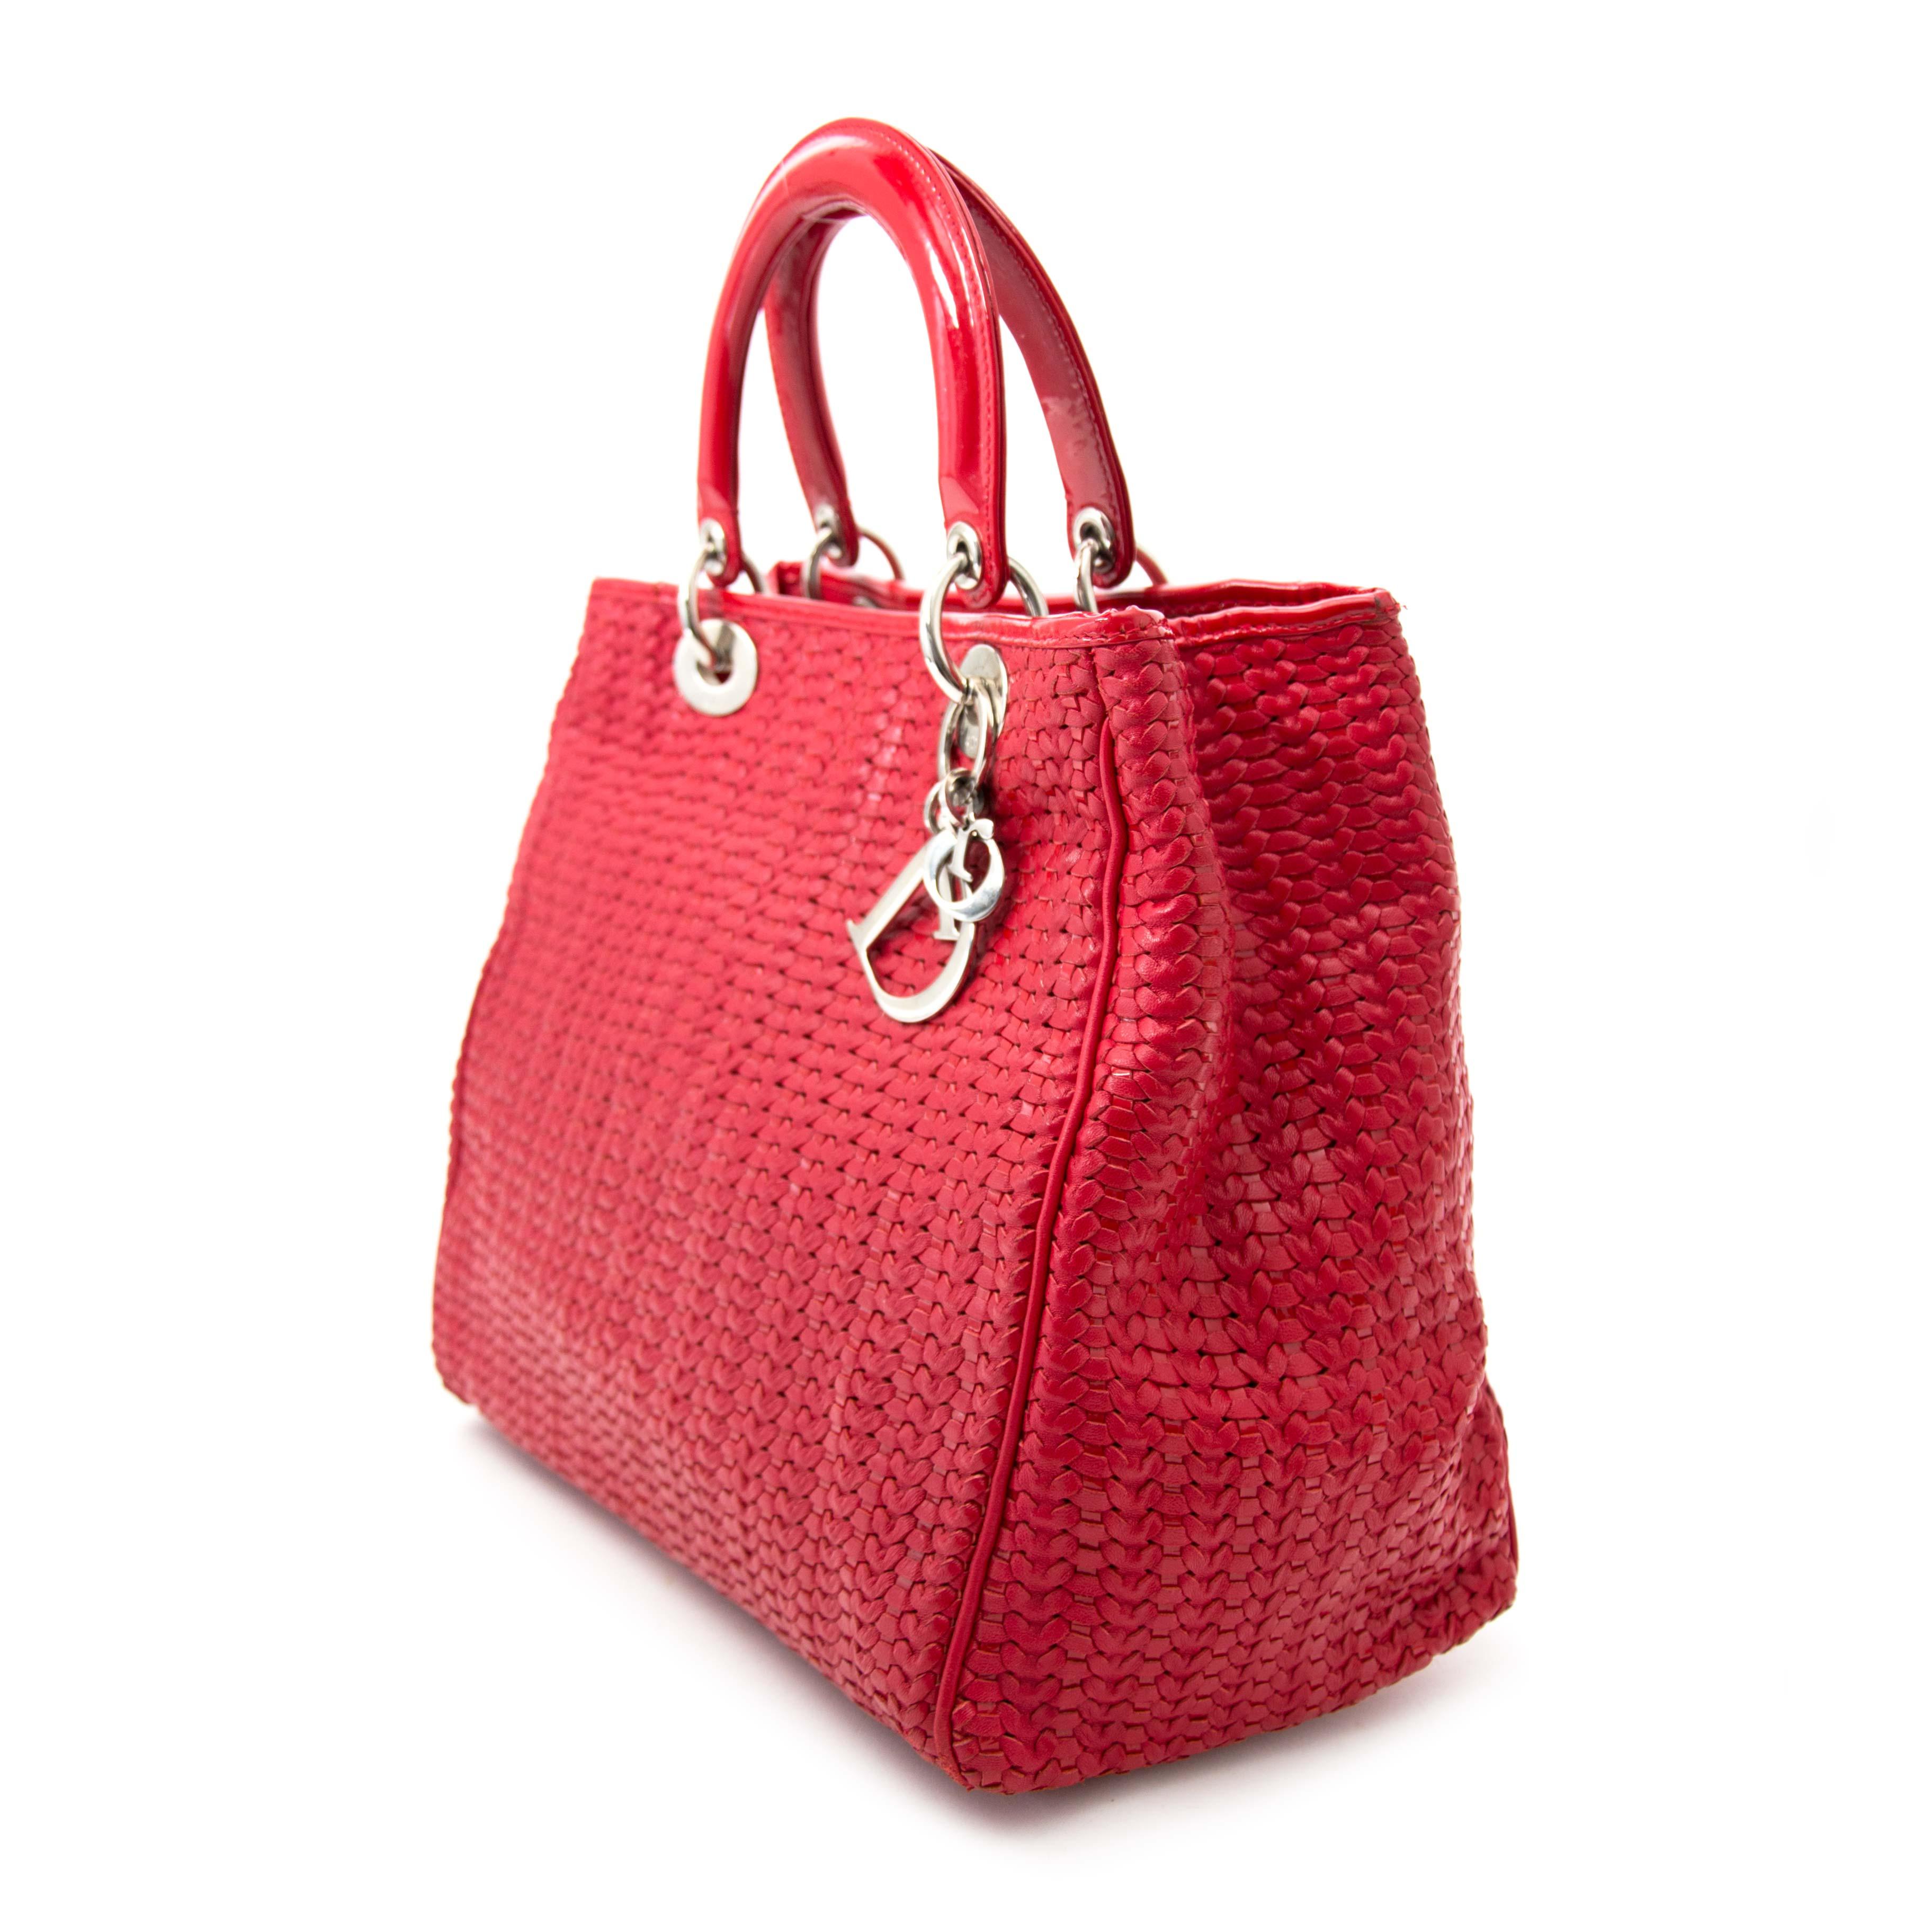 9c8d867e77 koop veilig online aan de beste prijs tweedehands Christian Dior Woven Soft  Lady Dior pour le meilleur prix sac a main Christian Dior Woven Soft Lady  Dior